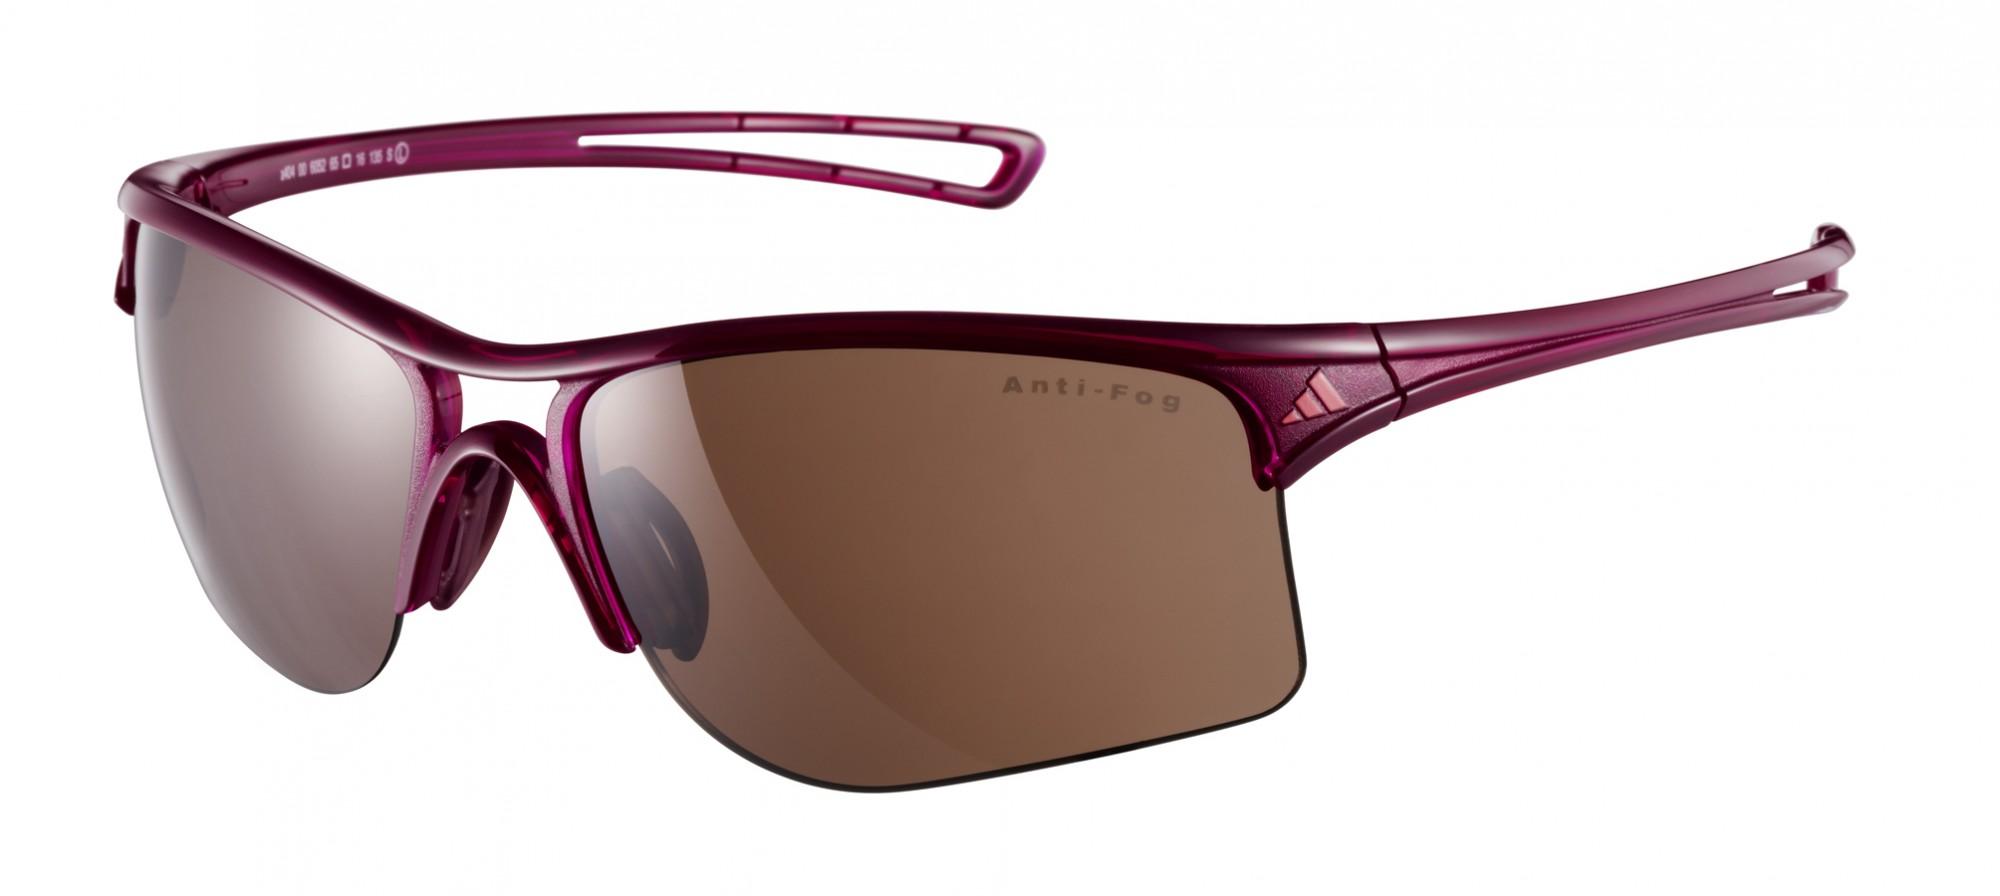 adidas sonnenbrille raylor gr s shiny pink radbrille. Black Bedroom Furniture Sets. Home Design Ideas